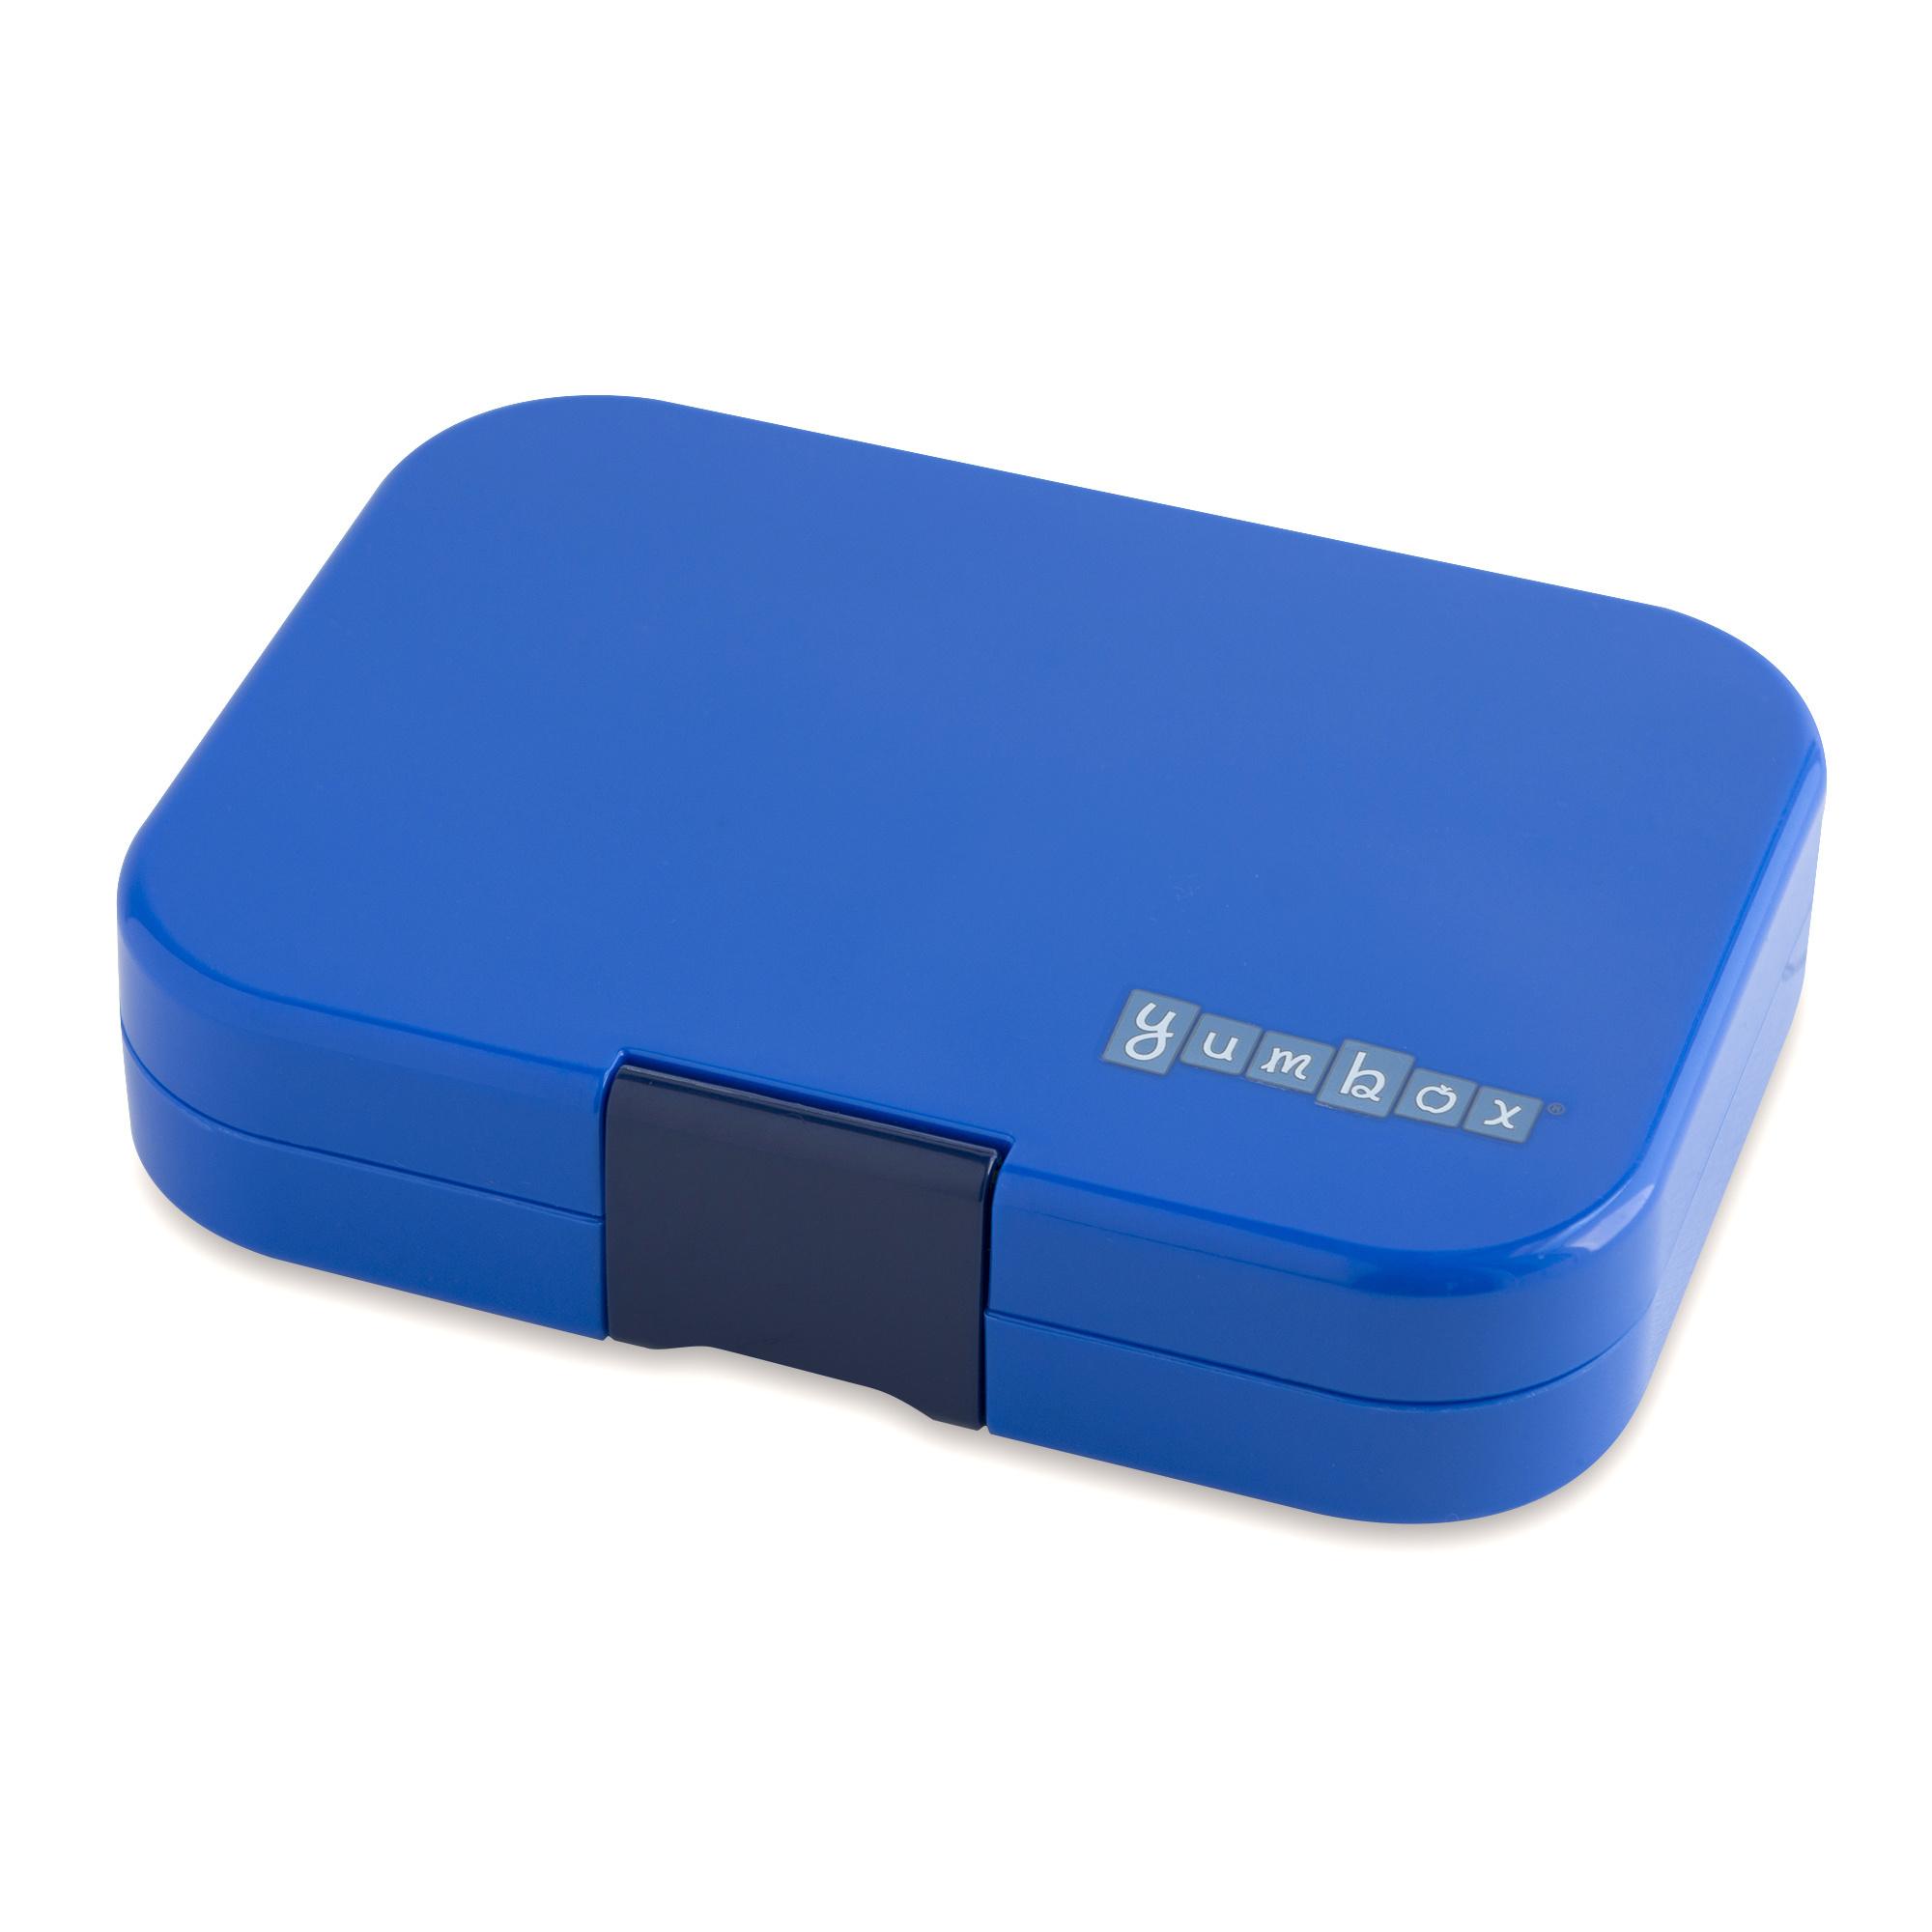 Yumbox Panino exterior box Neptune blue-1